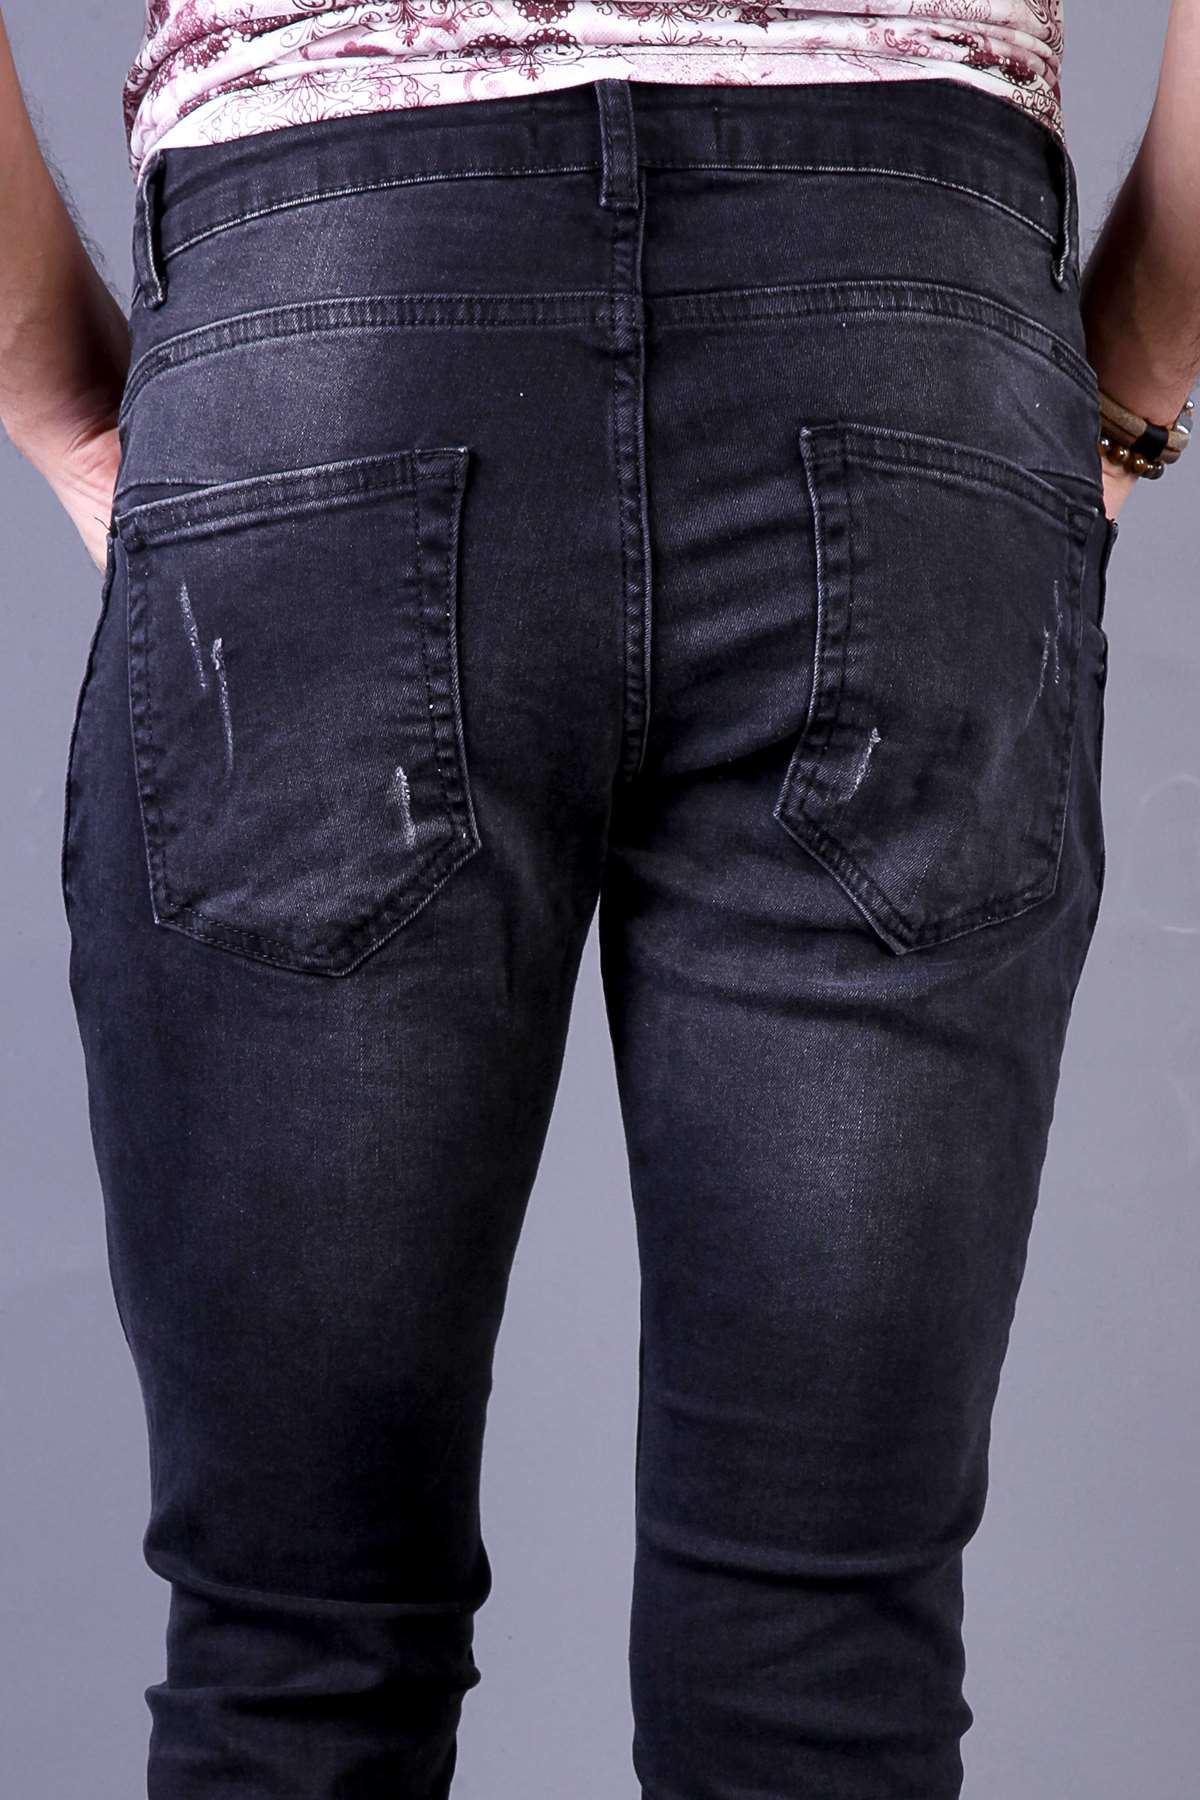 Paça Yan Fermuarlı Diz Yama Yırtıklı Bilek Boy Kot Pantolon Siyah